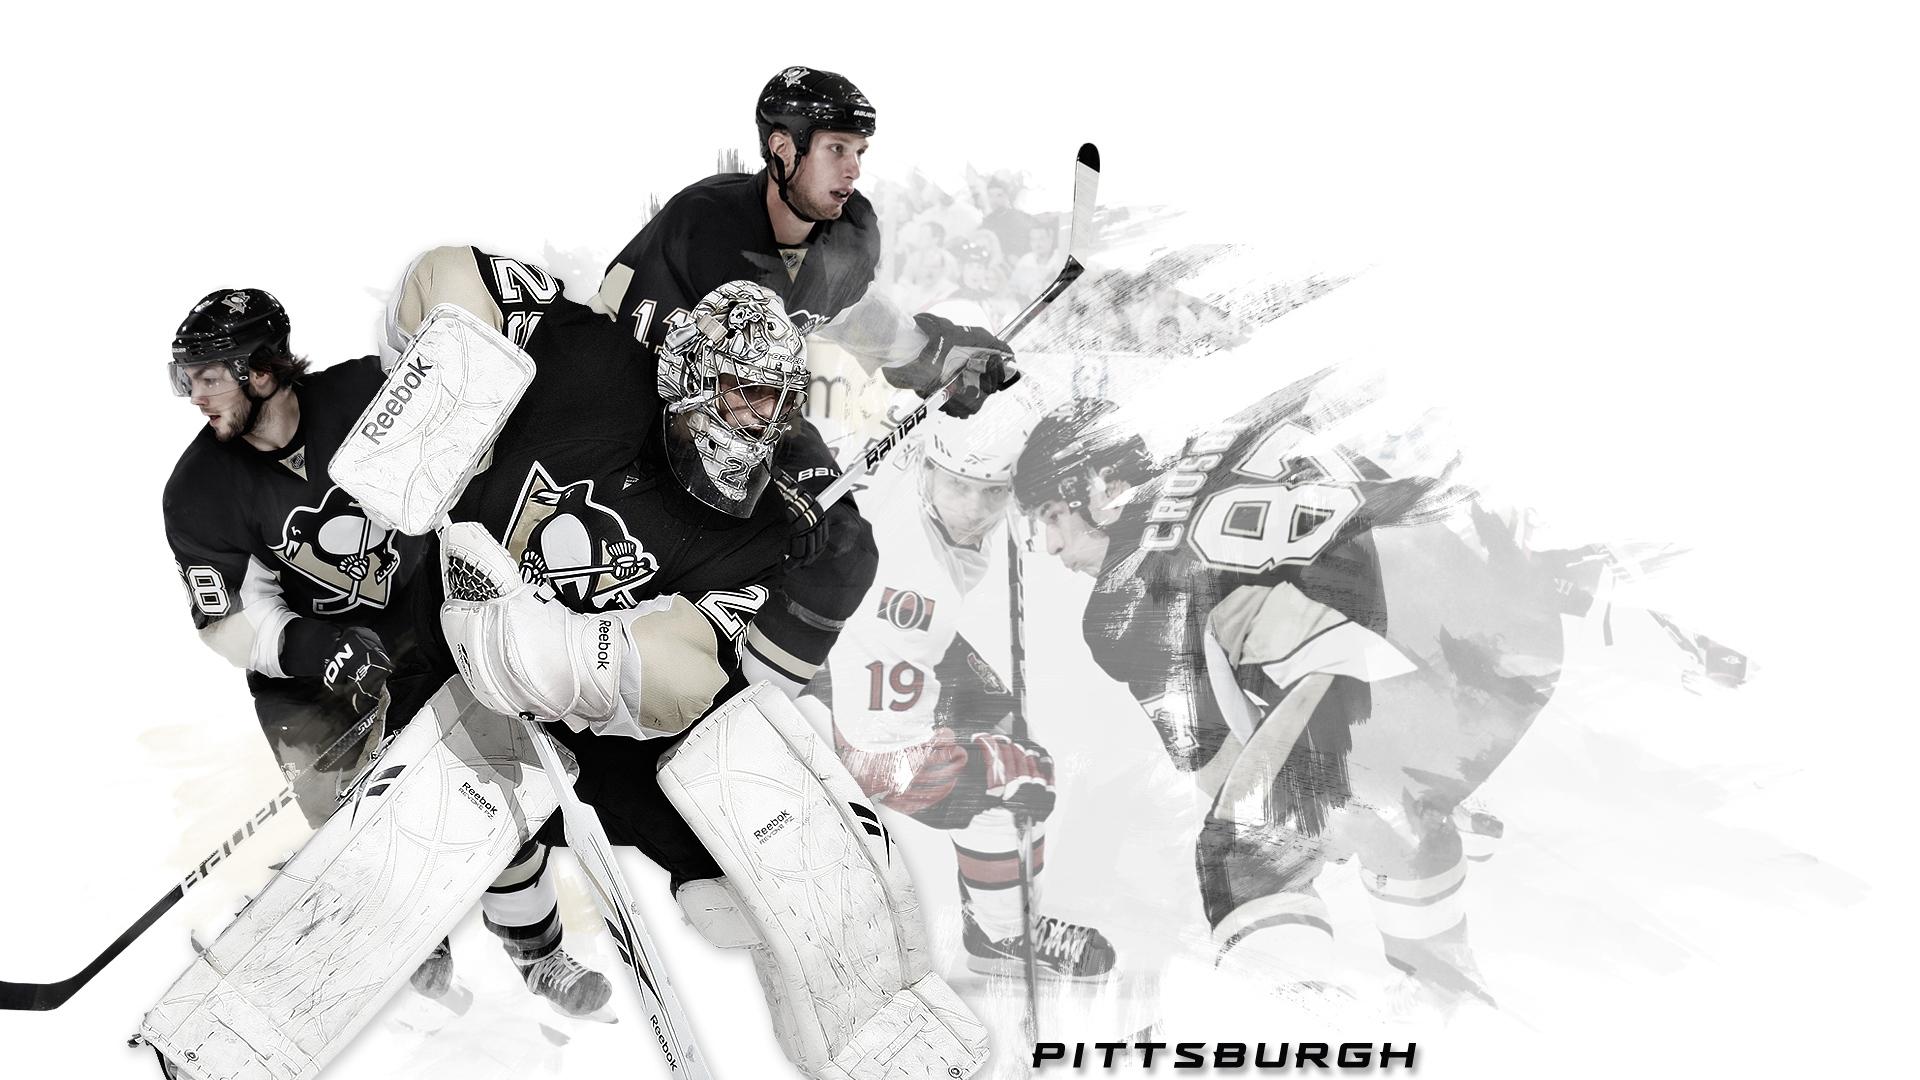 Wallpaper 1920x1080 nhl hockey sport players Full HD 1080p HD 1920x1080